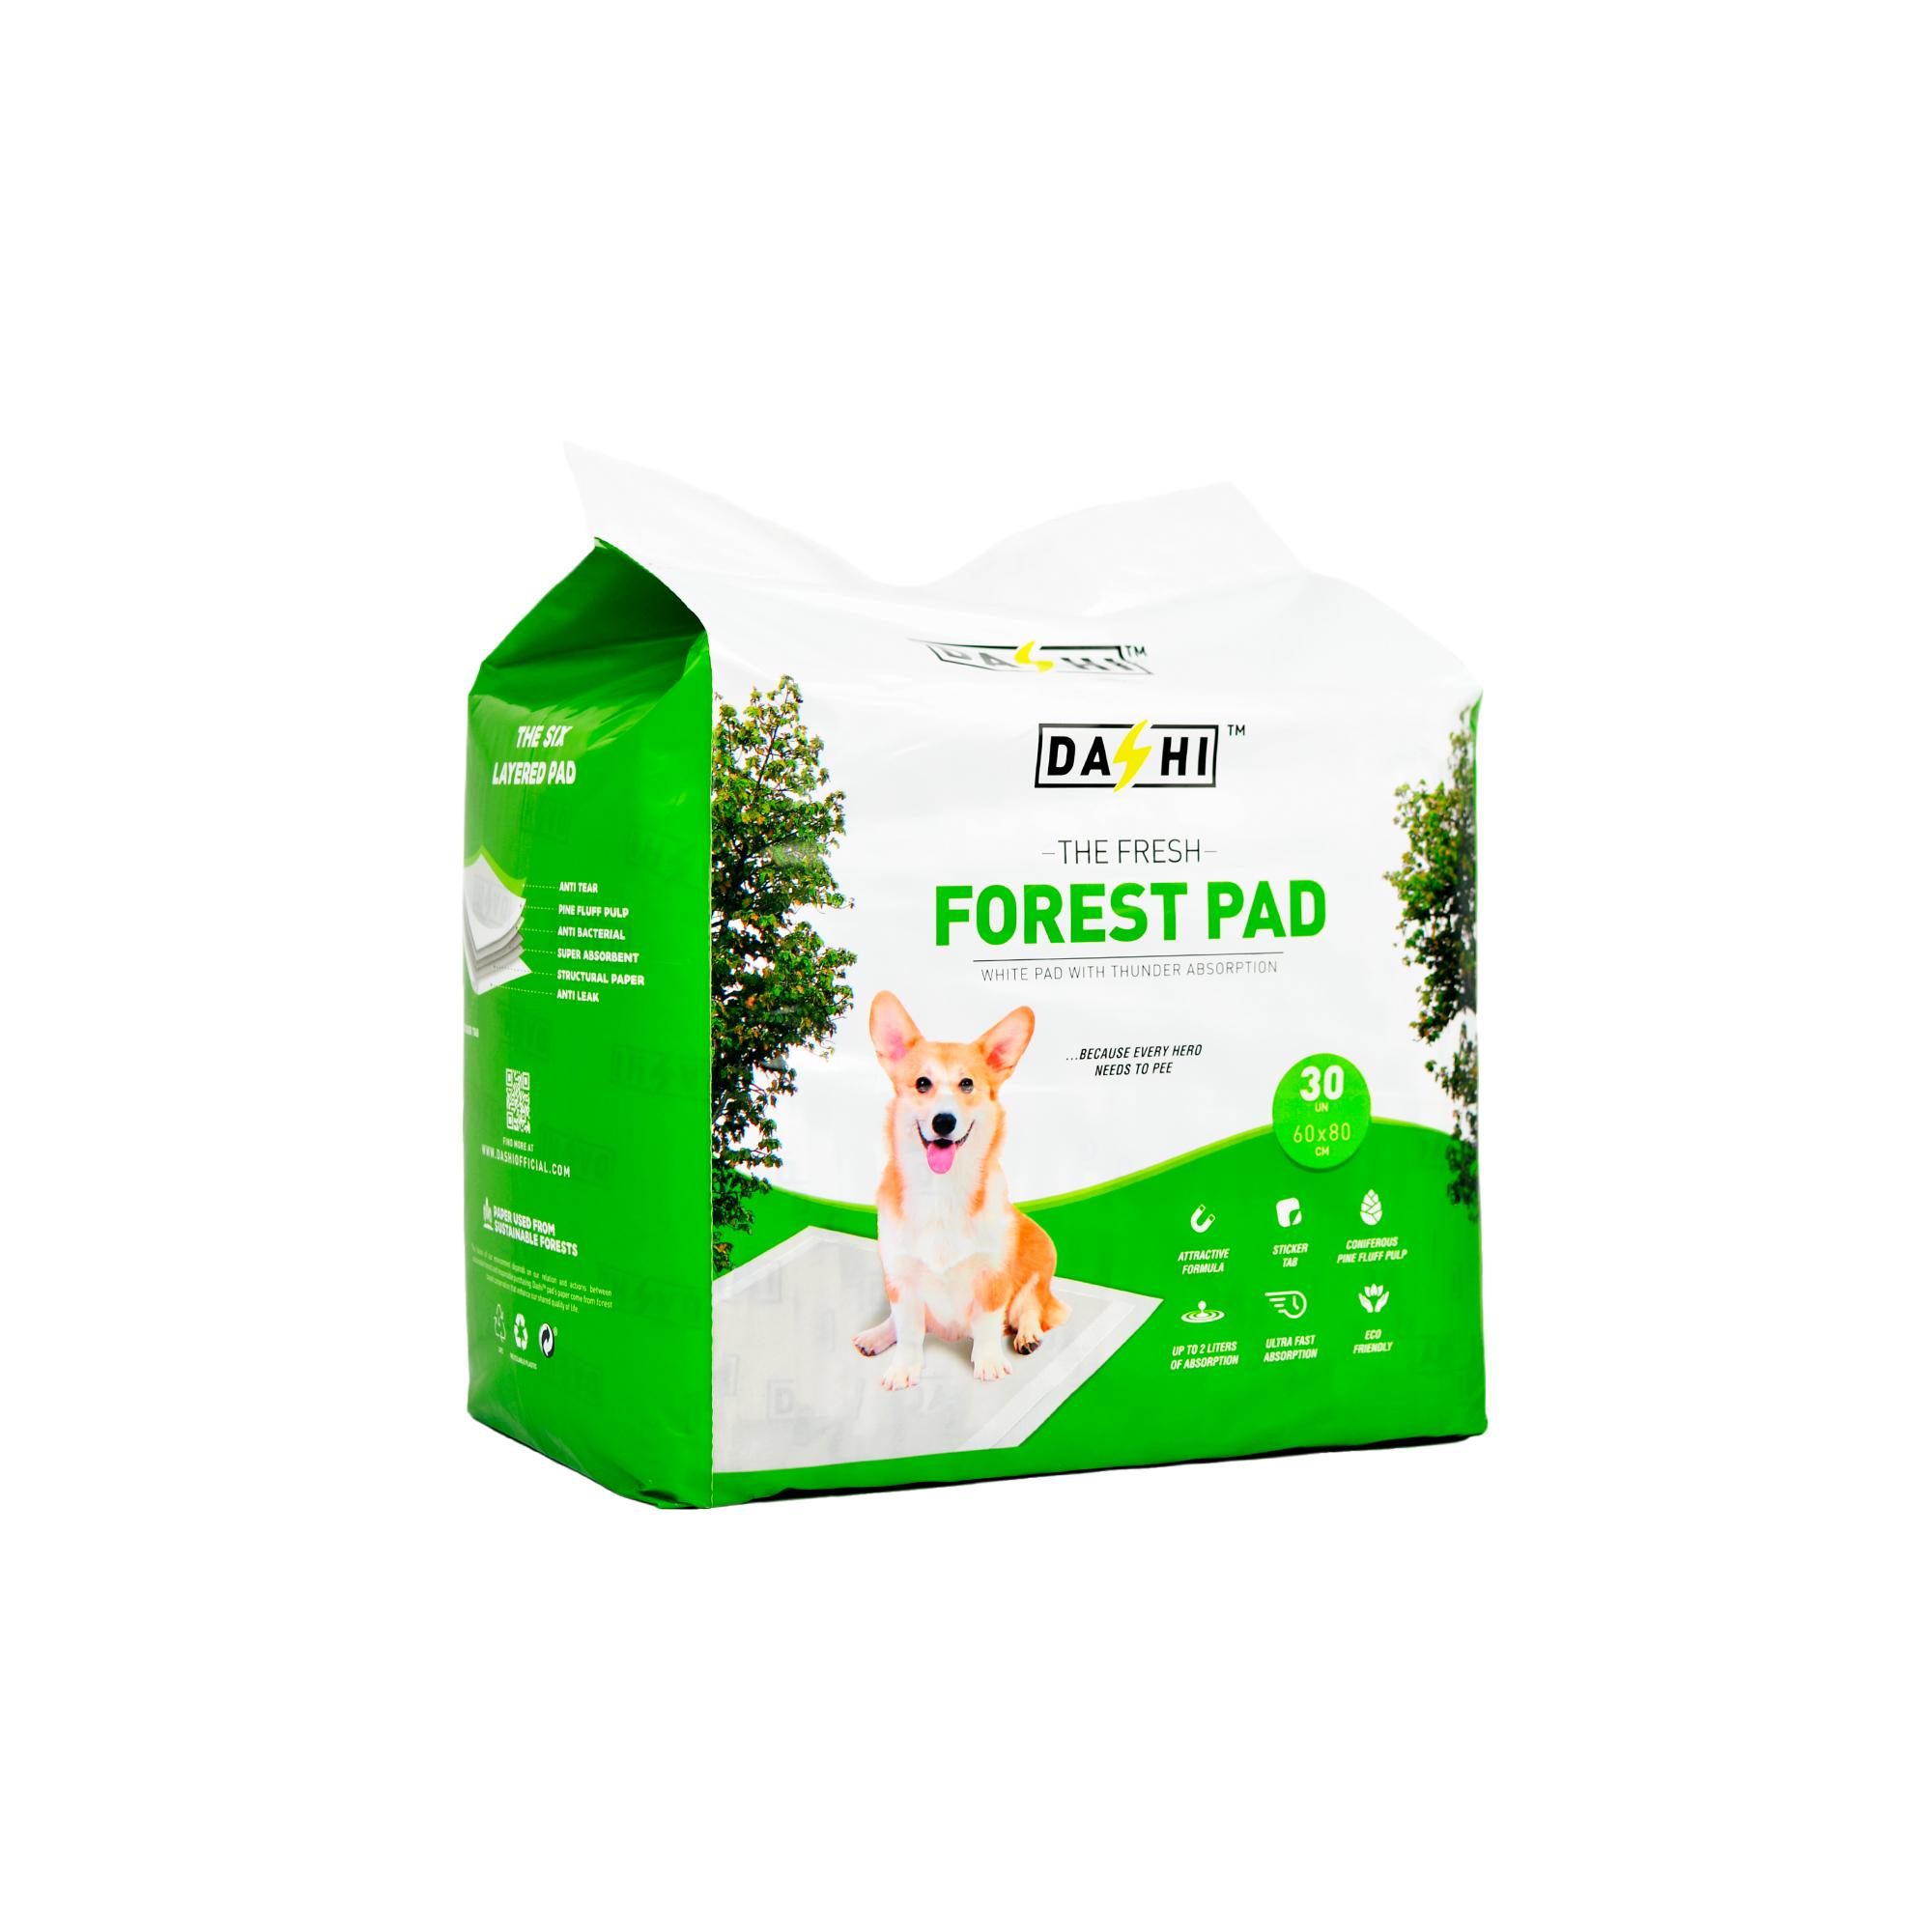 Resguardo Absorvente Dashi Forest Pad 60x80 cm (30 unidades)